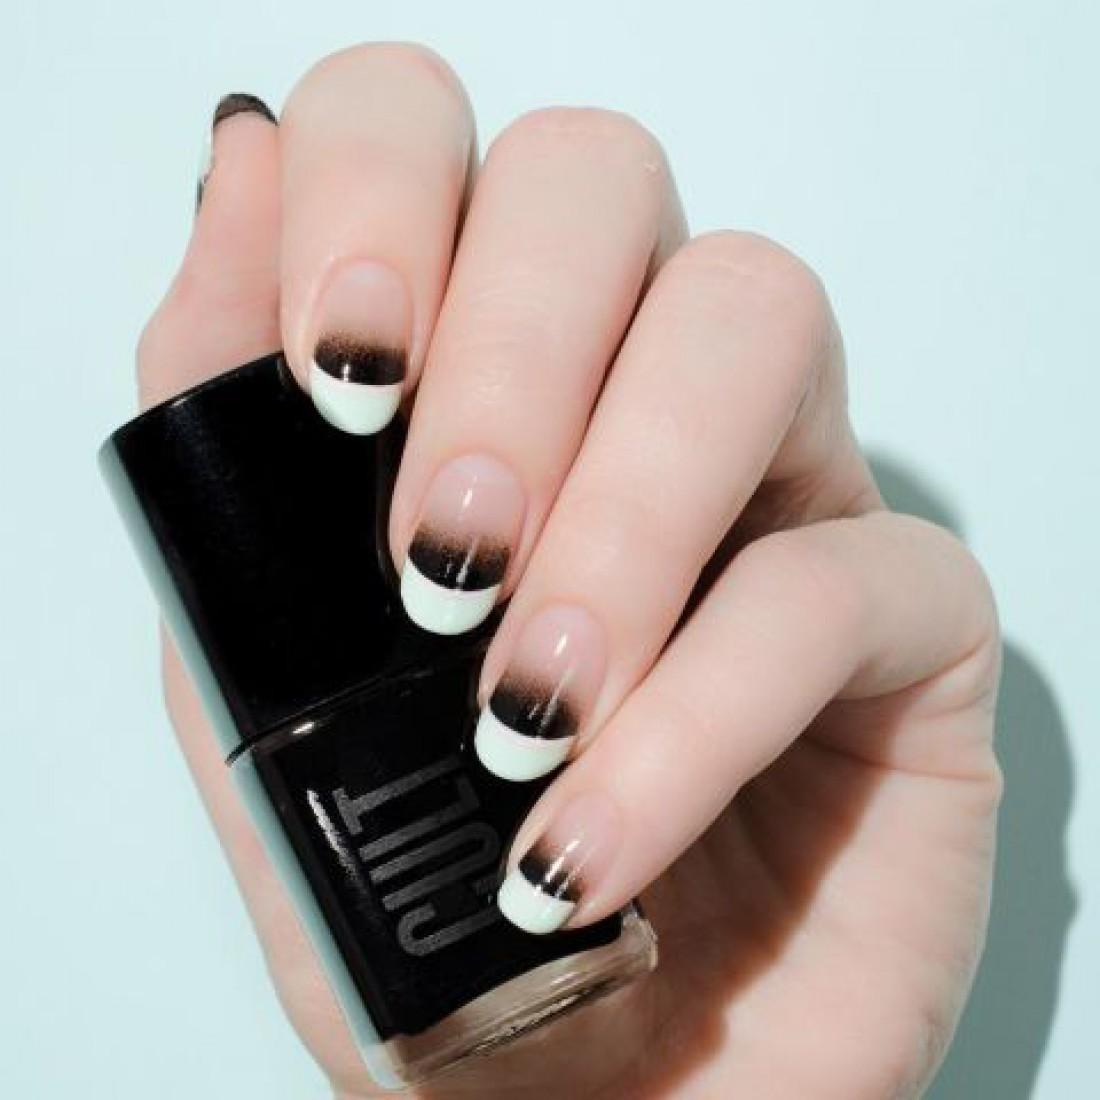 Маникюр на короткие ногти: размытый и прямой французский (фото)